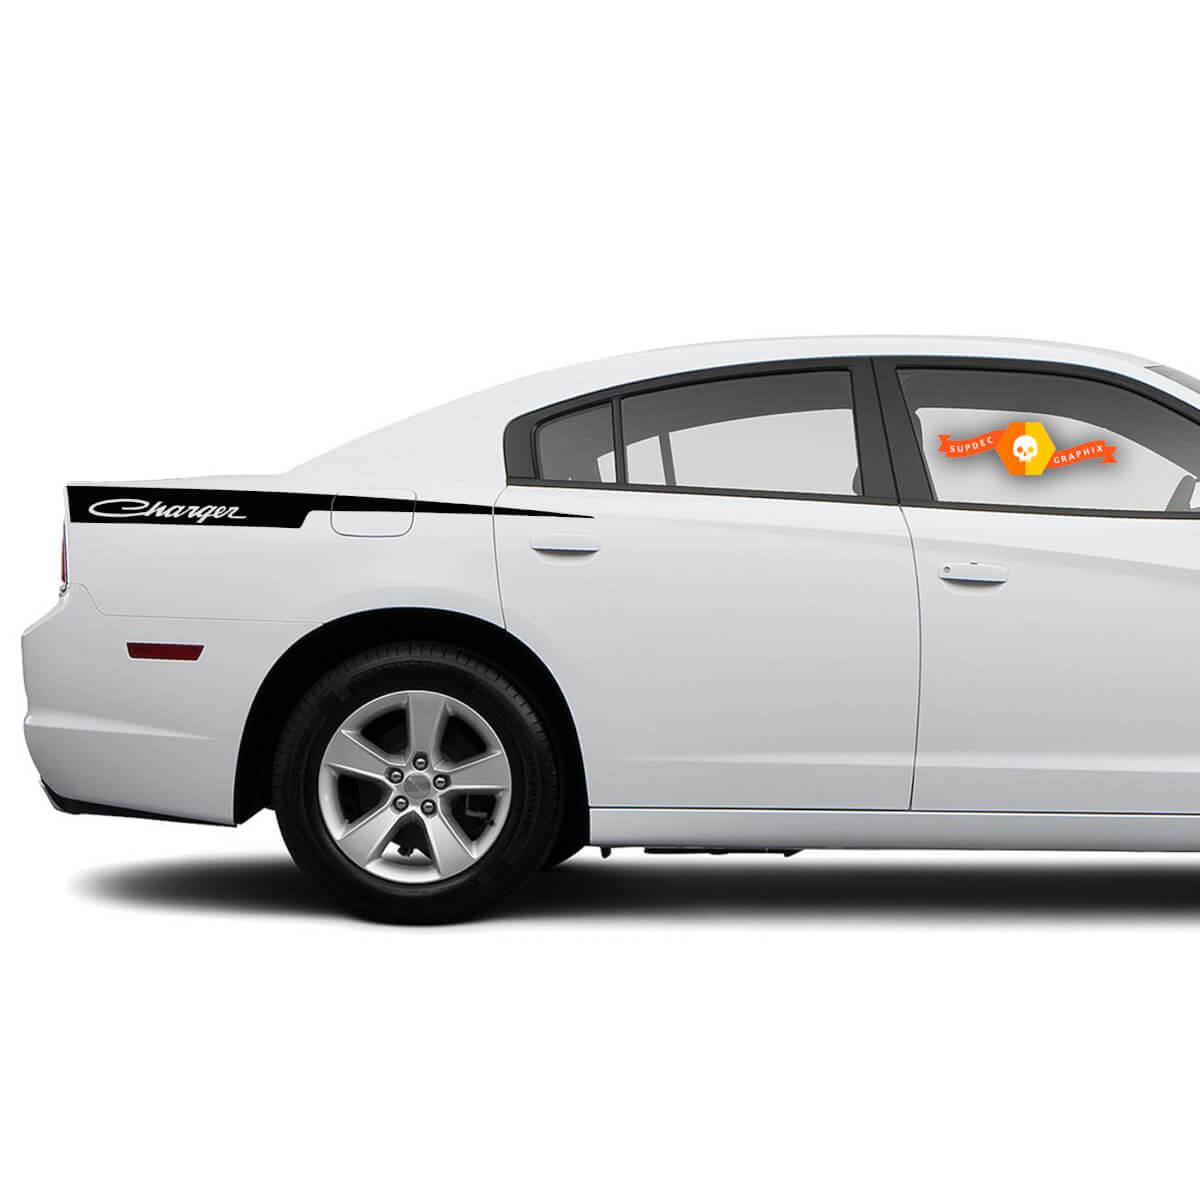 Dodge Charger Retro Rasiermesser Aufkleber Aufkleber Seite Grafiken passt zu Modellen 2011-2014